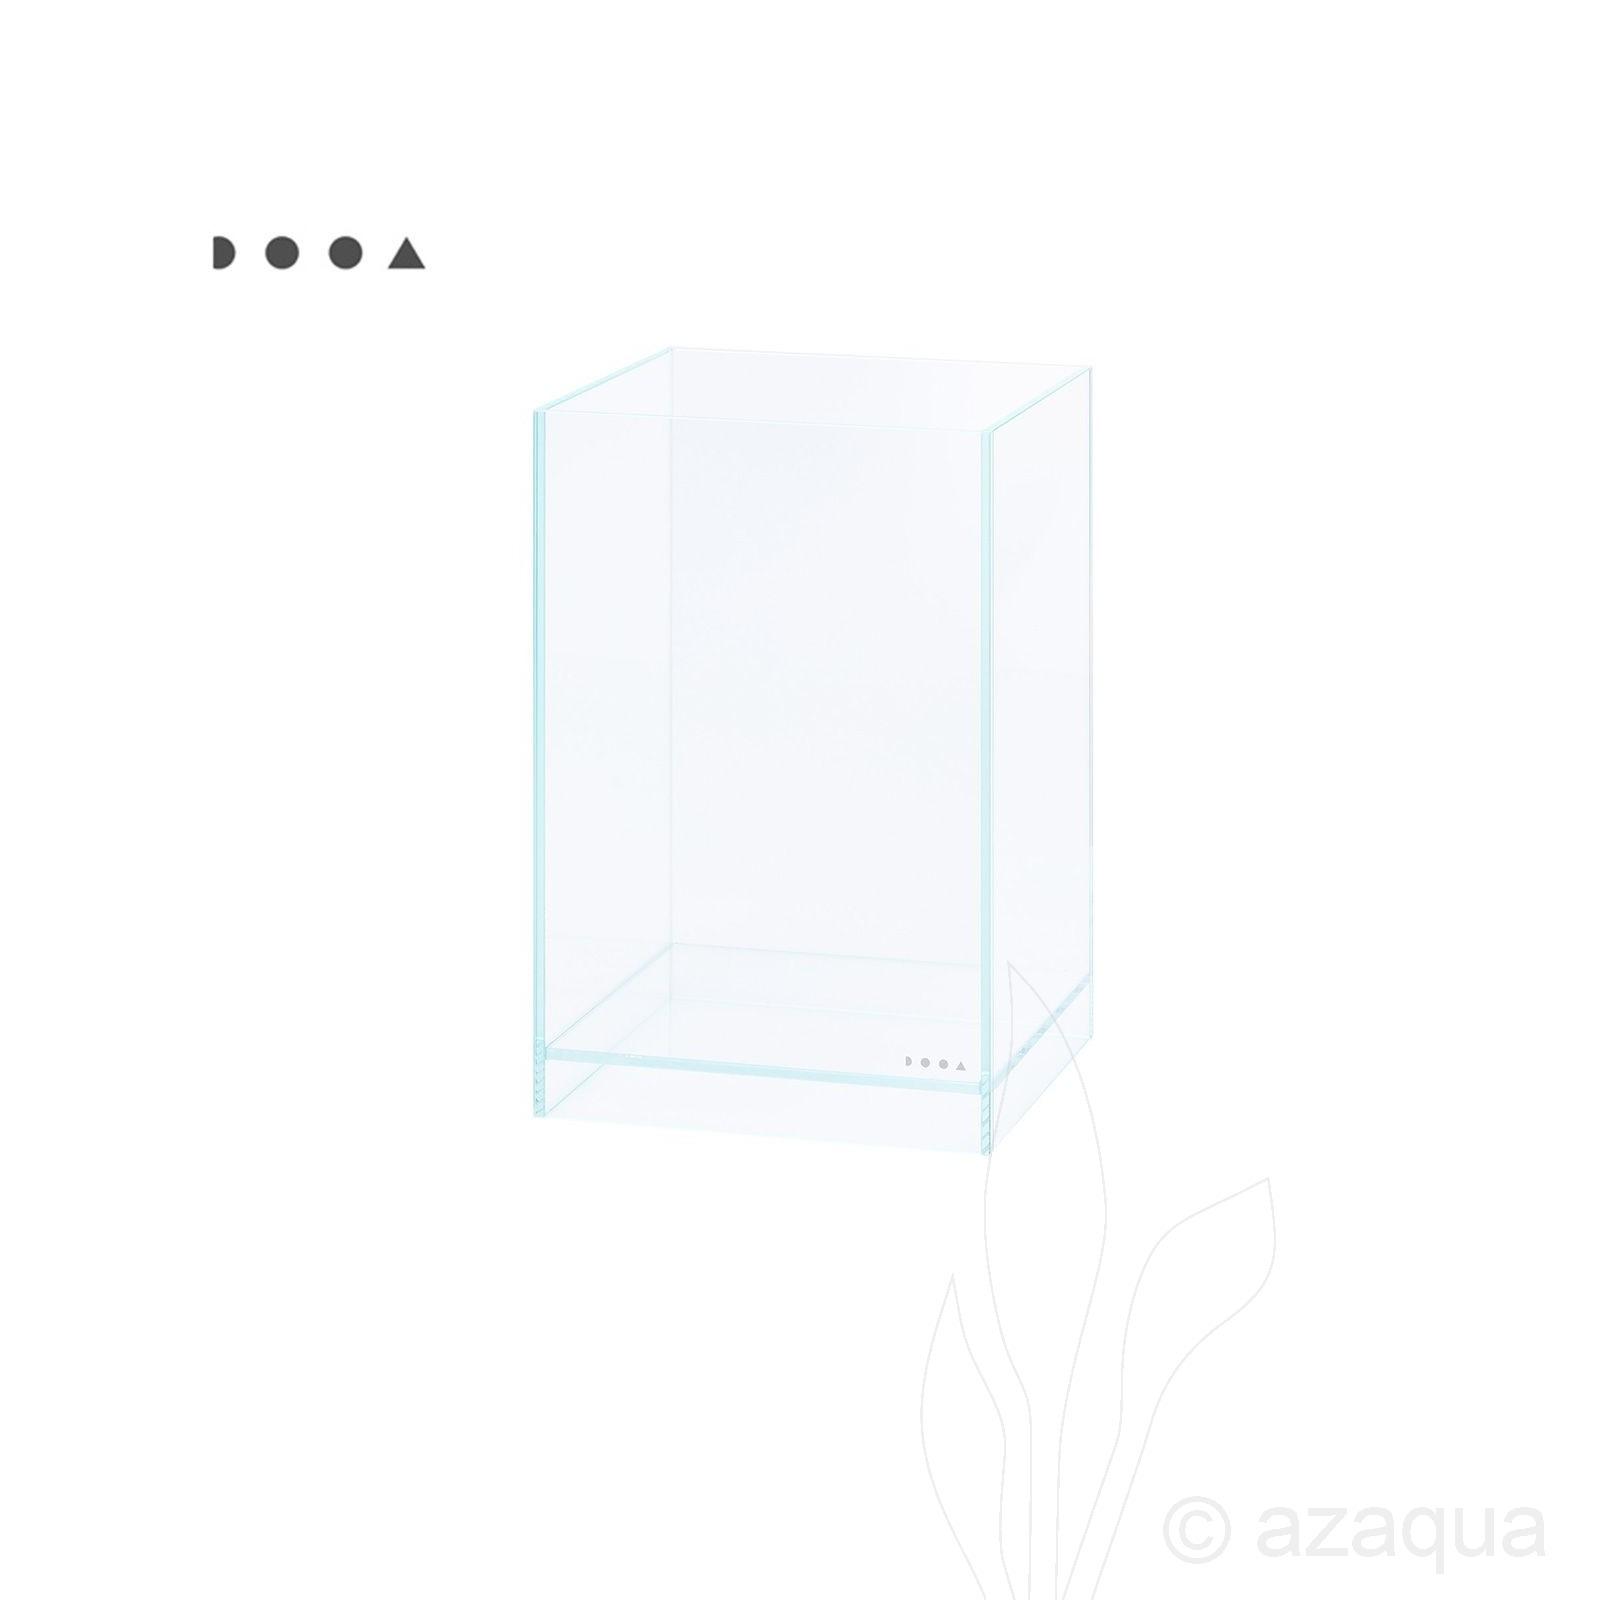 DOOA, Neo Glass, AIR-W20 X D20 X H30 (cm)